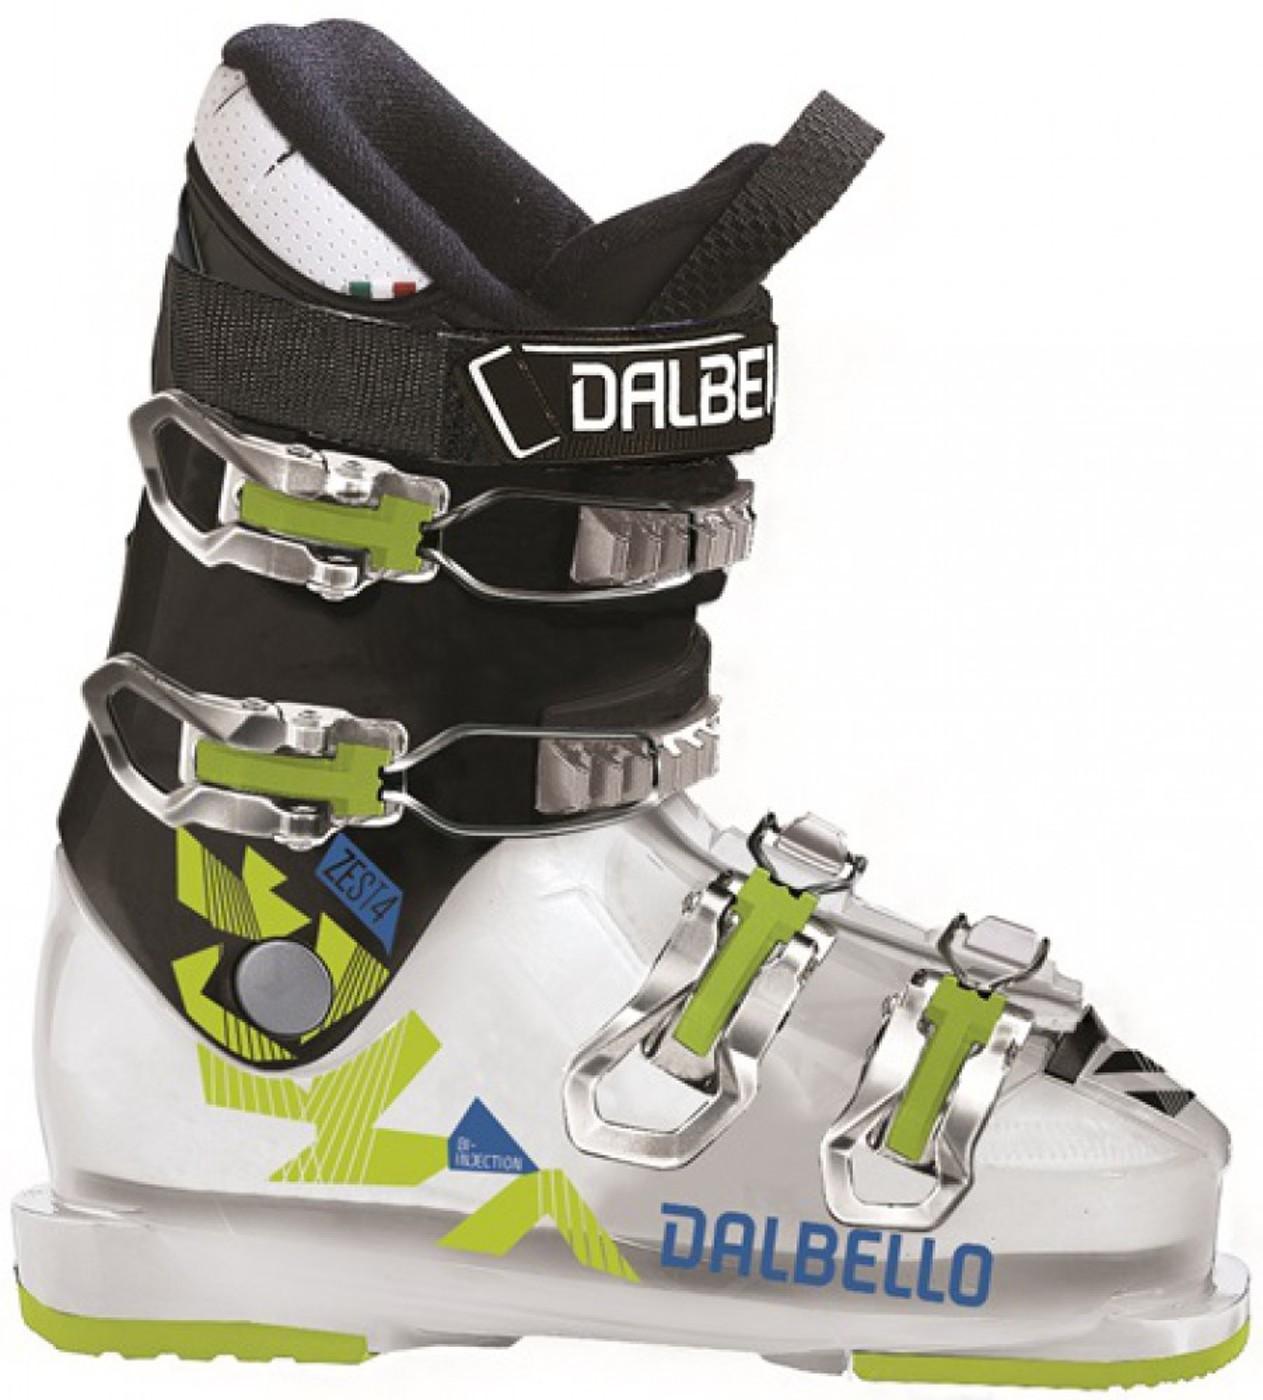 DALBELLO Skischuh ZEST 4 - Kinder